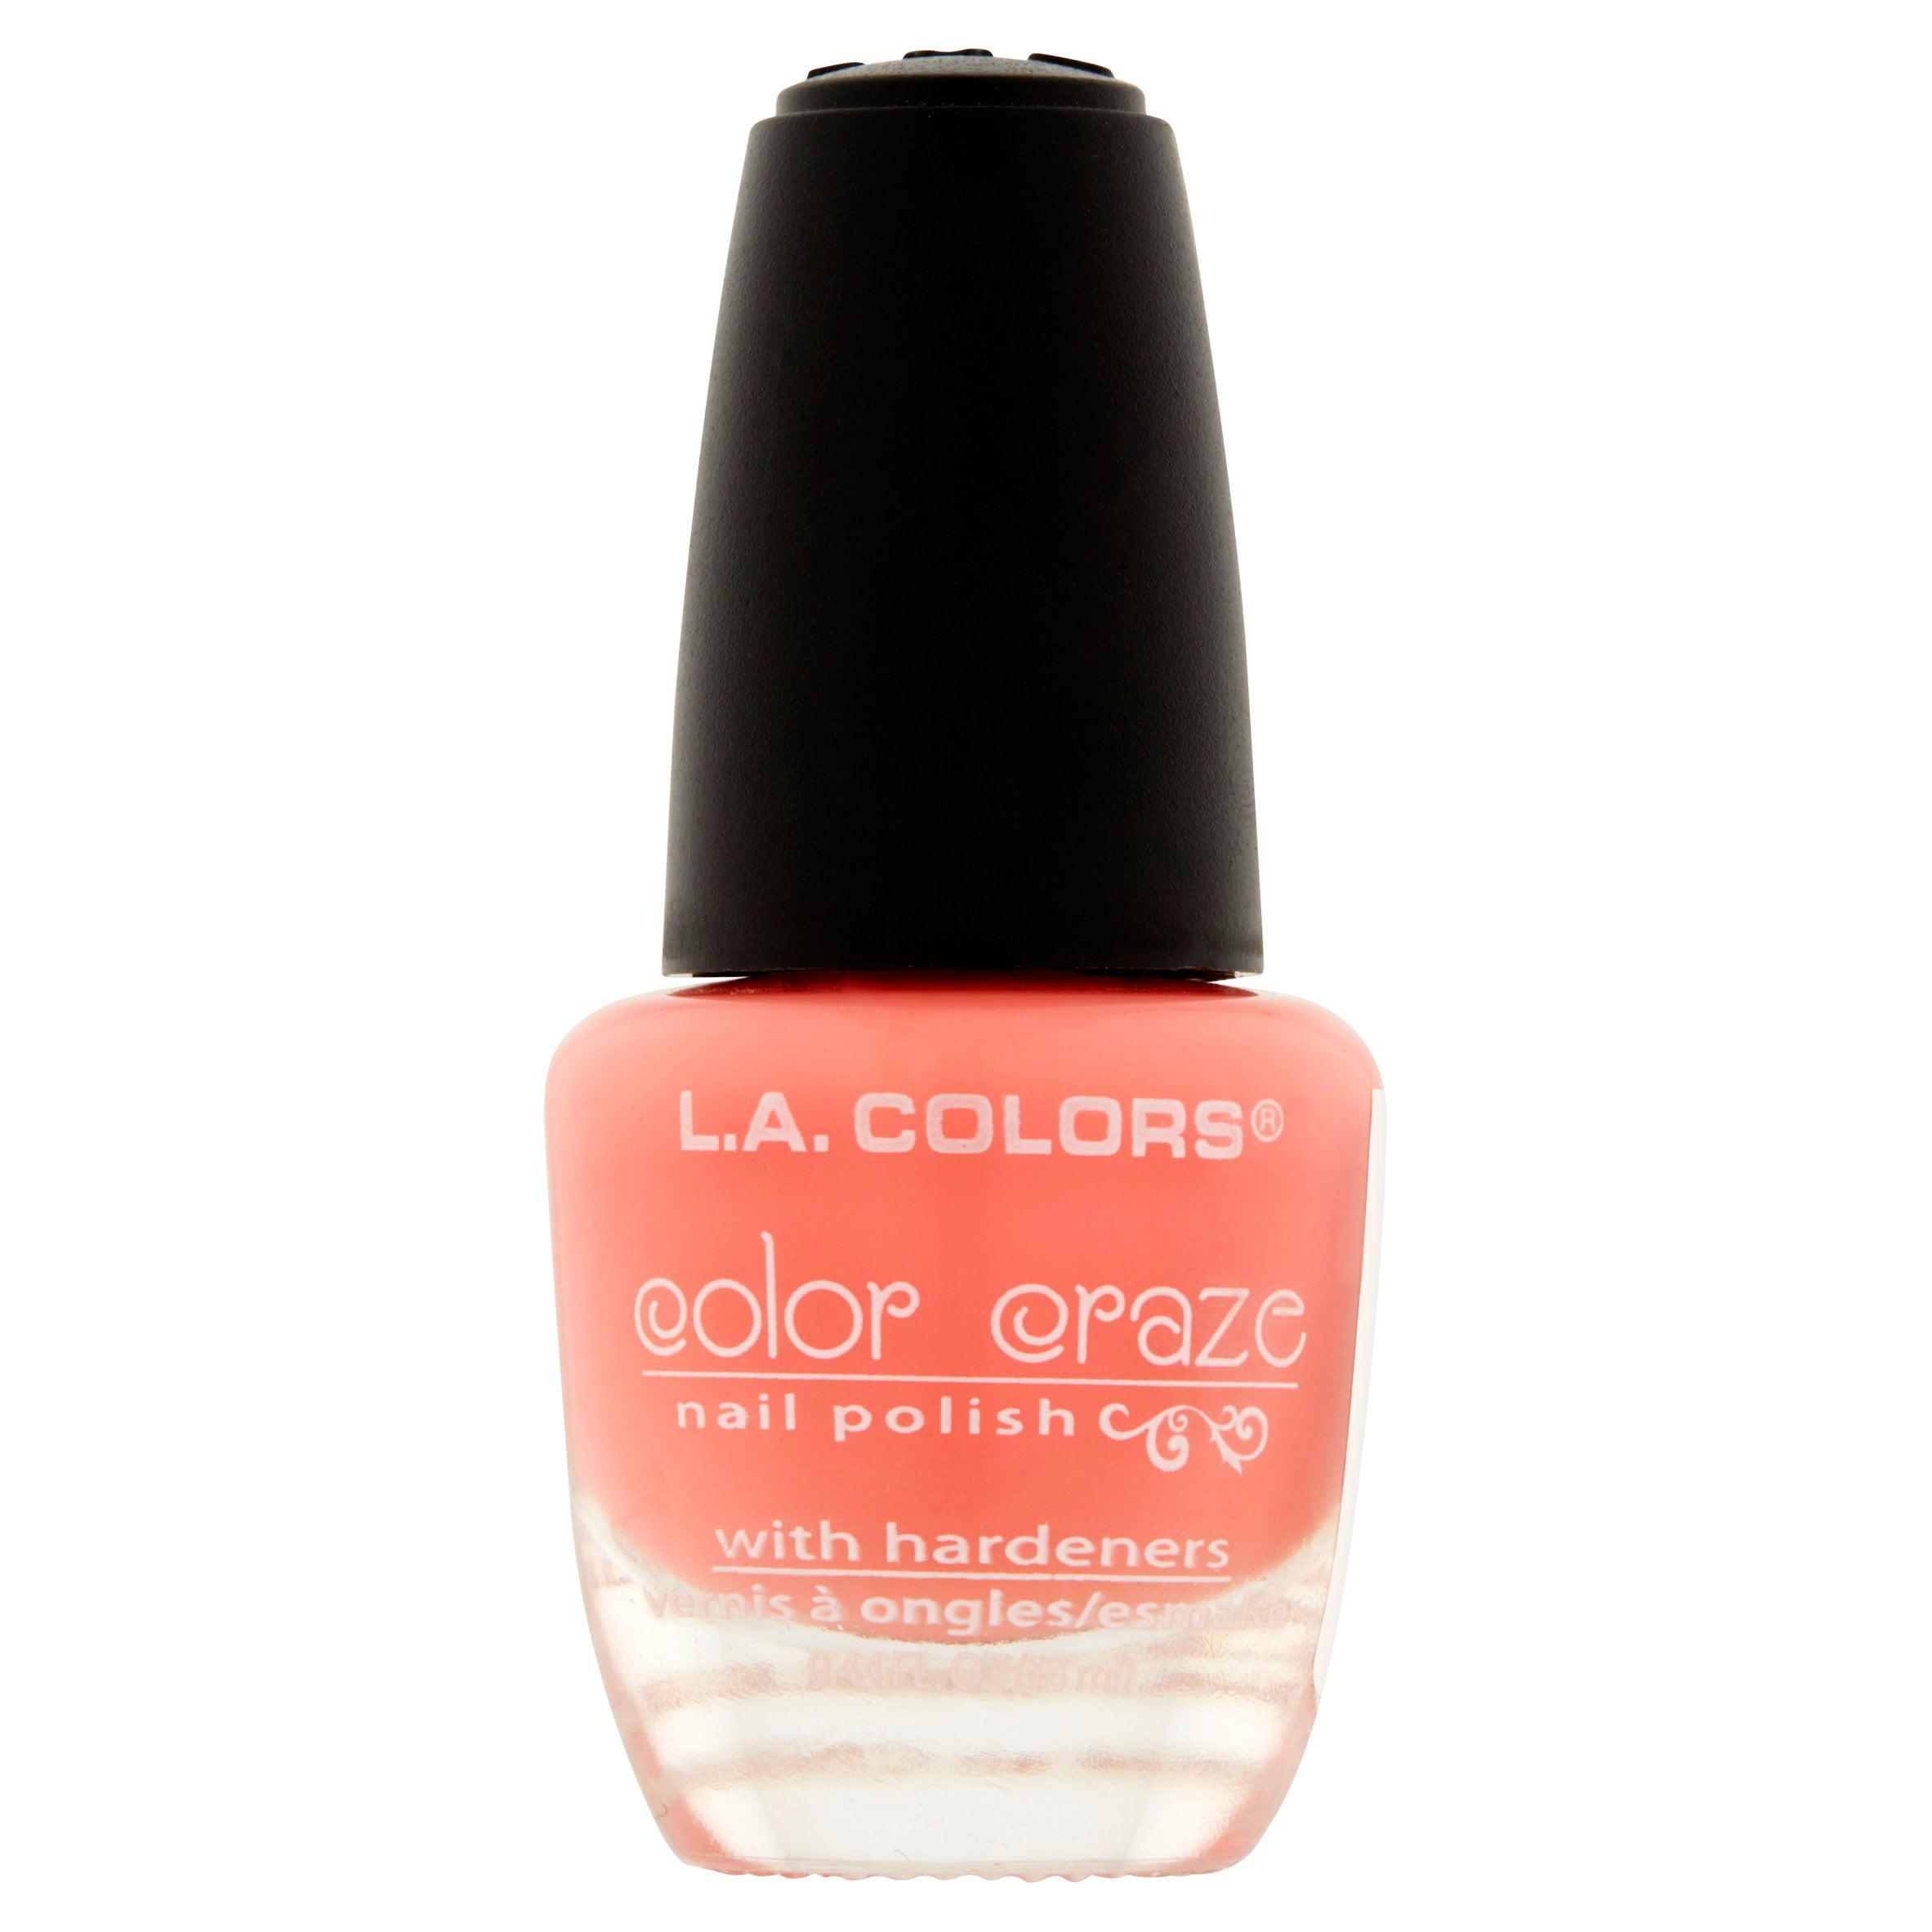 L.A. Colors Color Craze CNP537 Frill Nail Polish, 0.44 fl oz ...